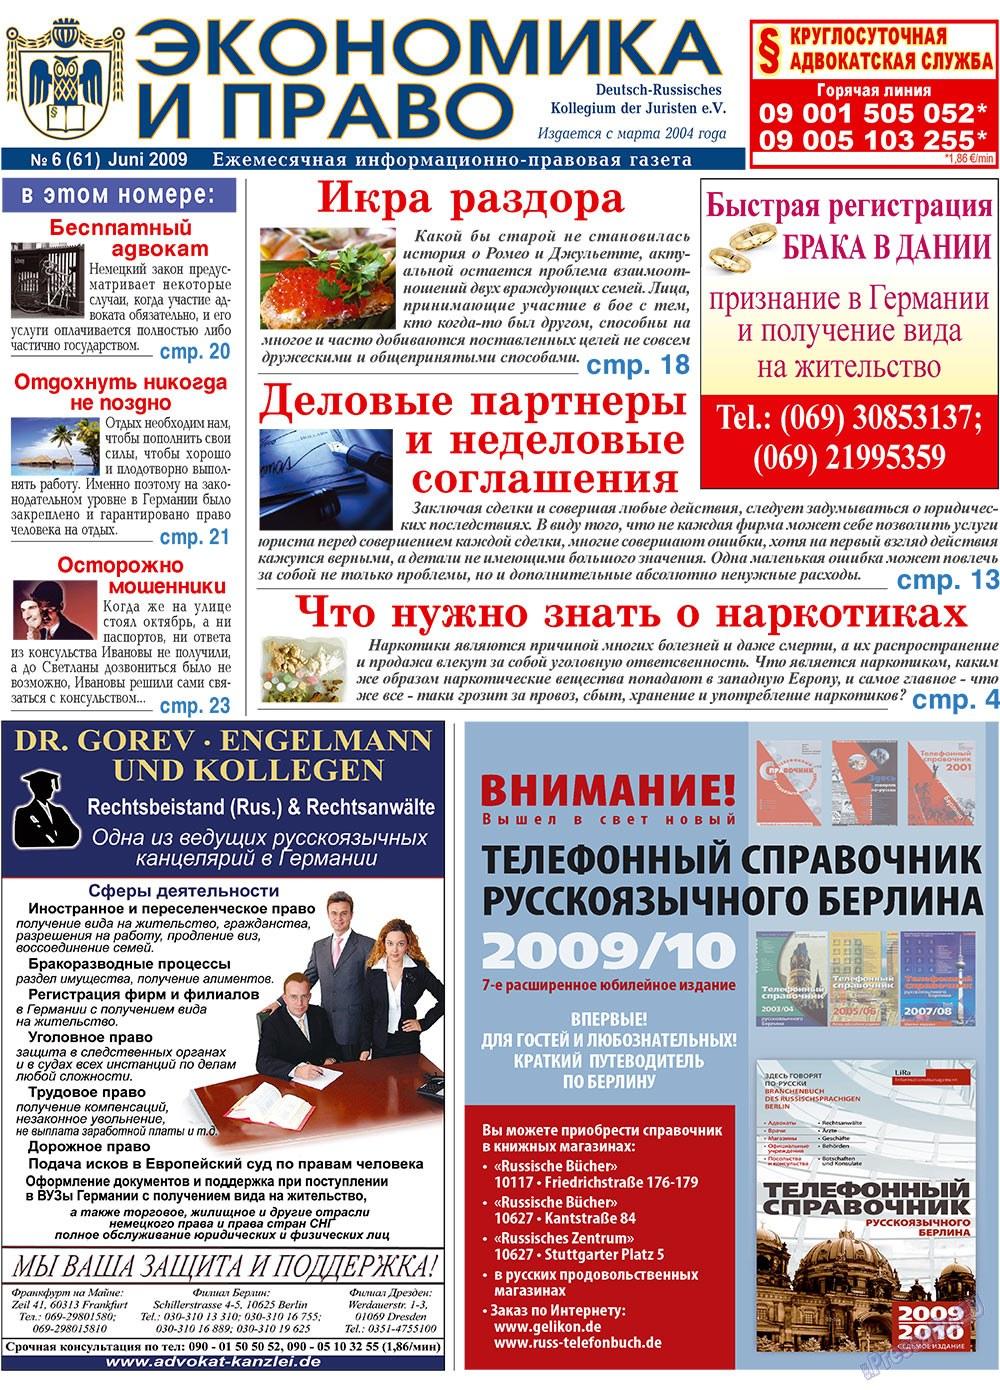 Экономика и право (газета). 2009 год, номер 6, стр. 1